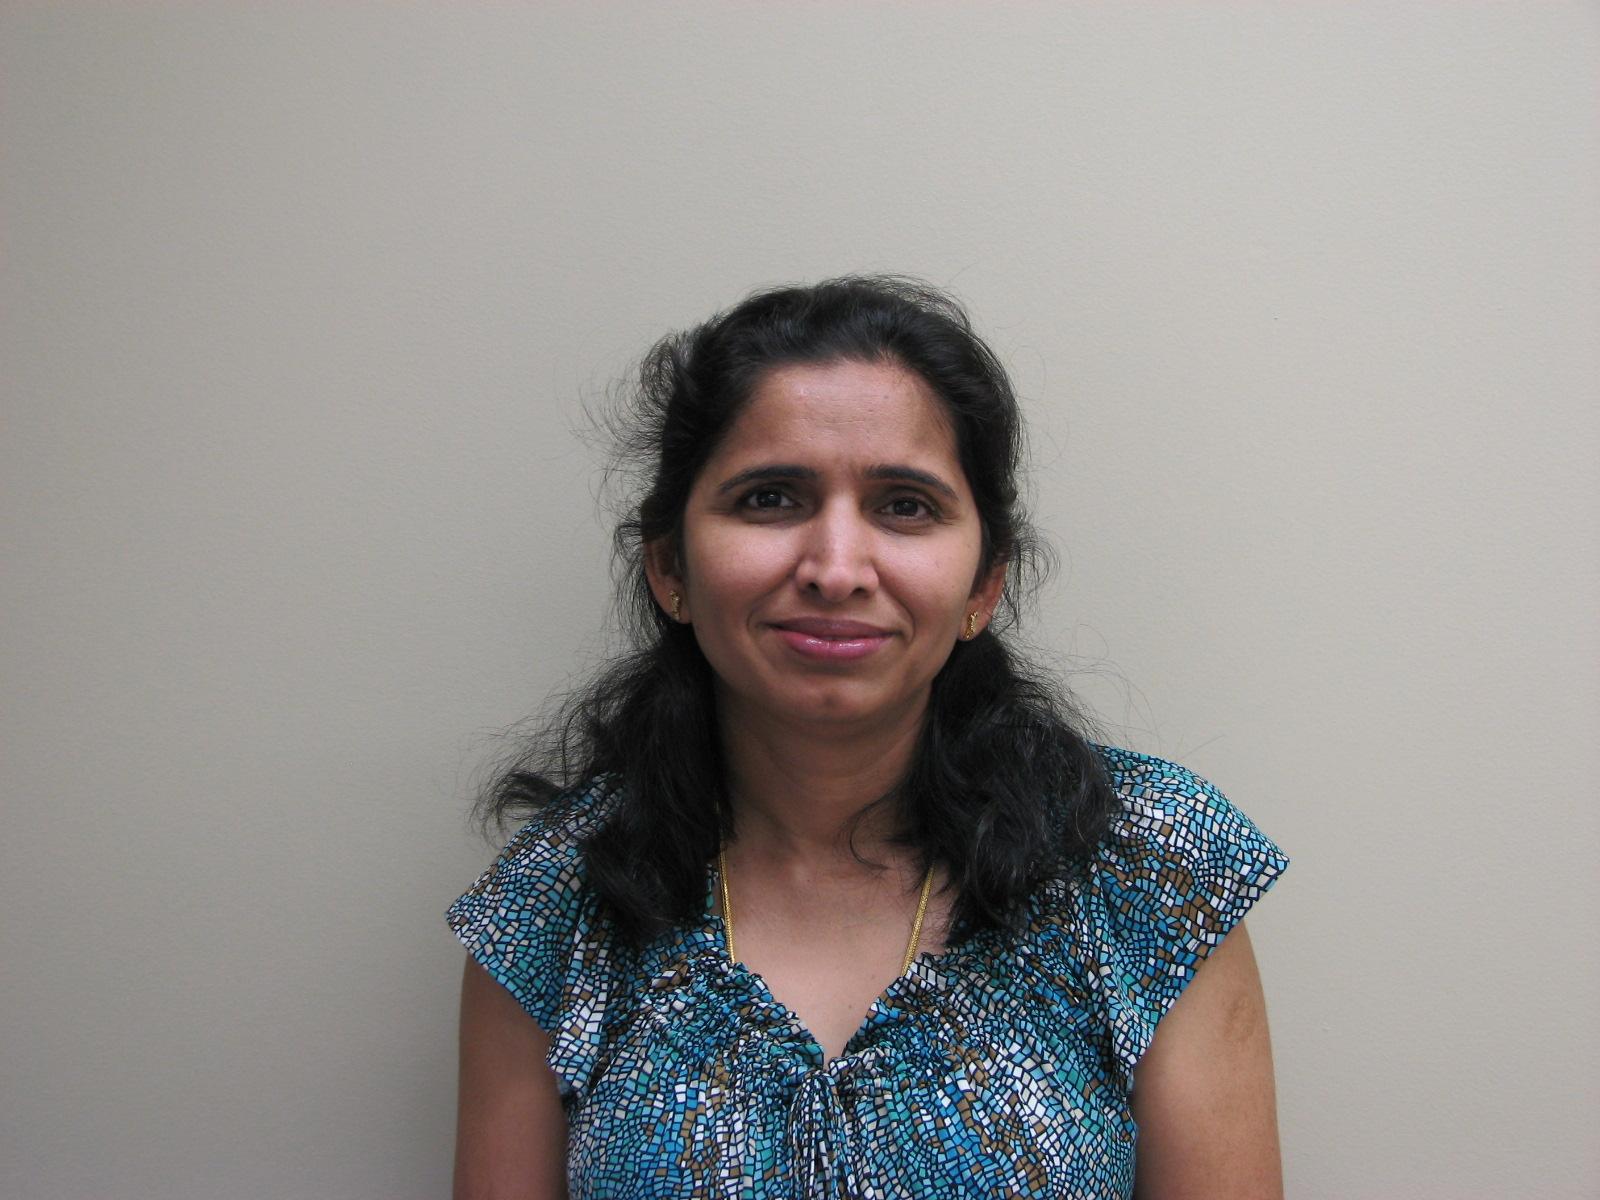 Dr. Geetha Thangiah